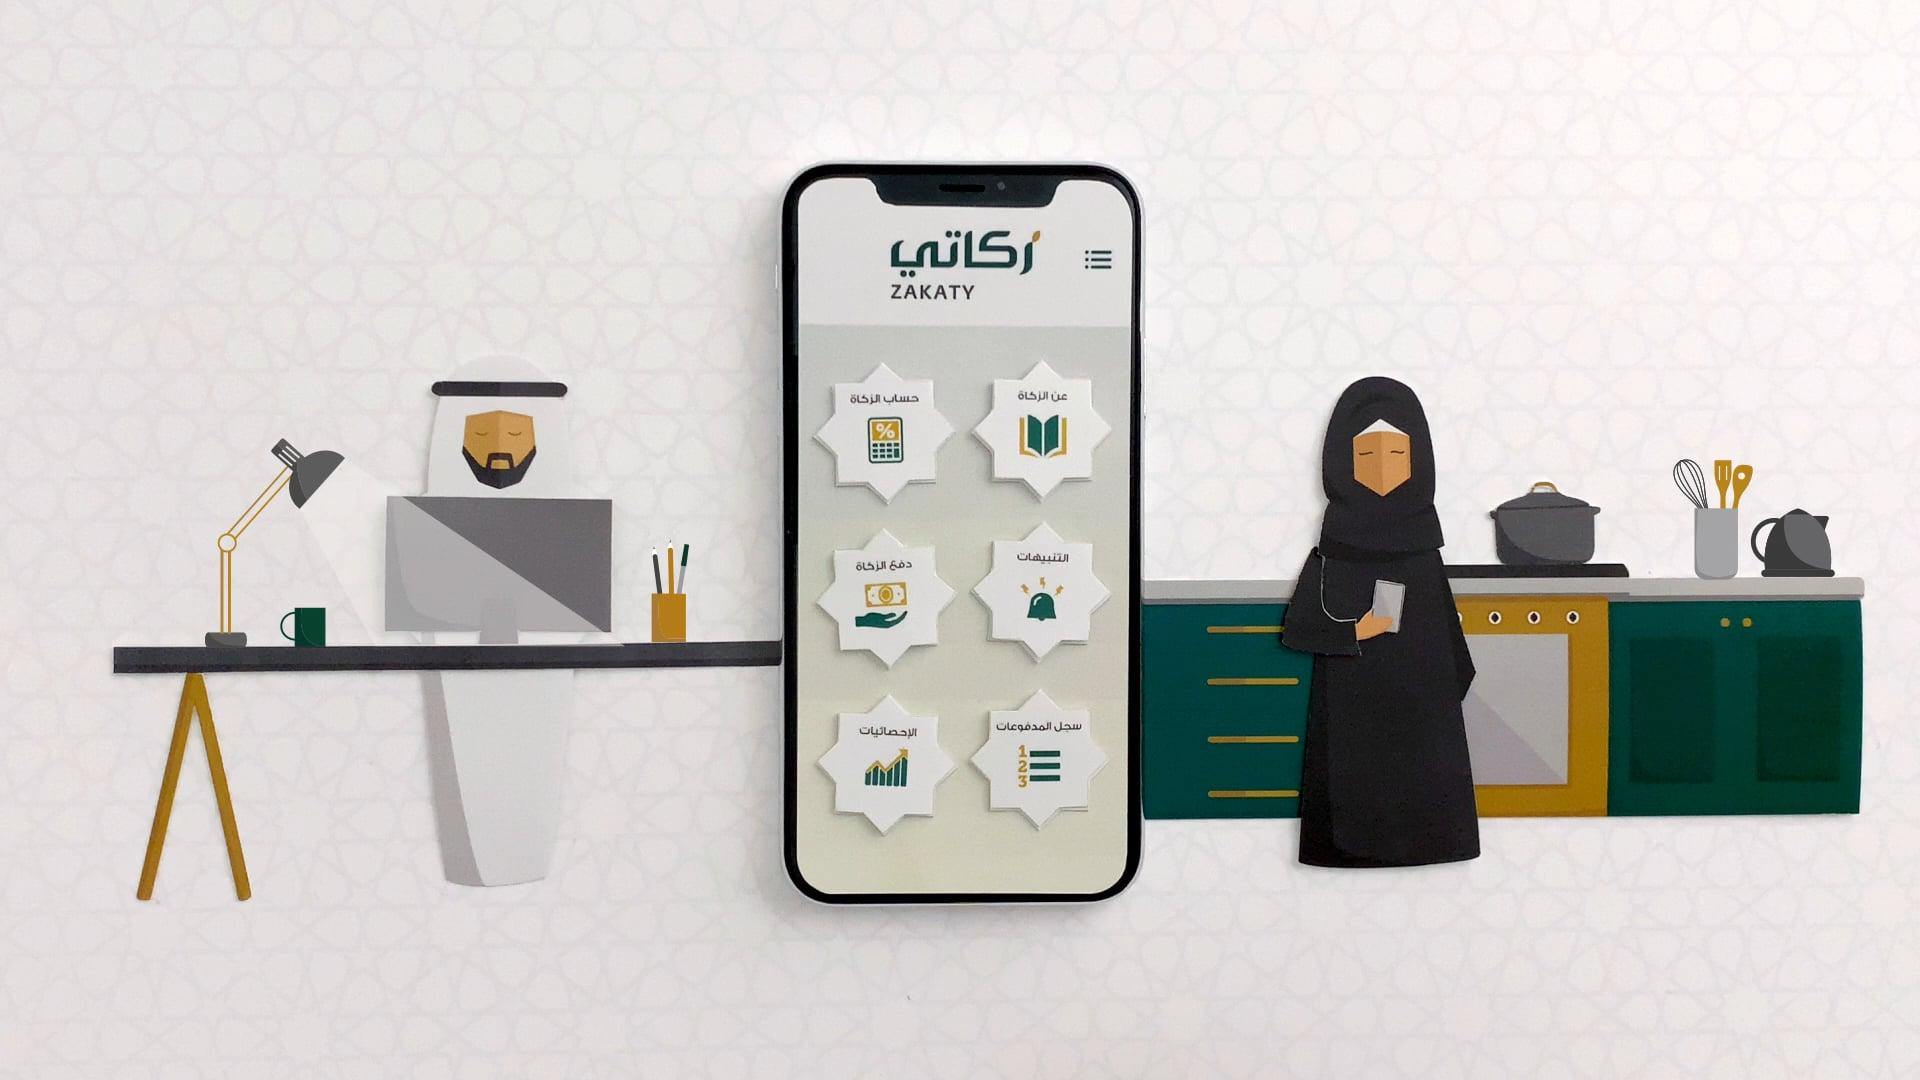 Zakaty App